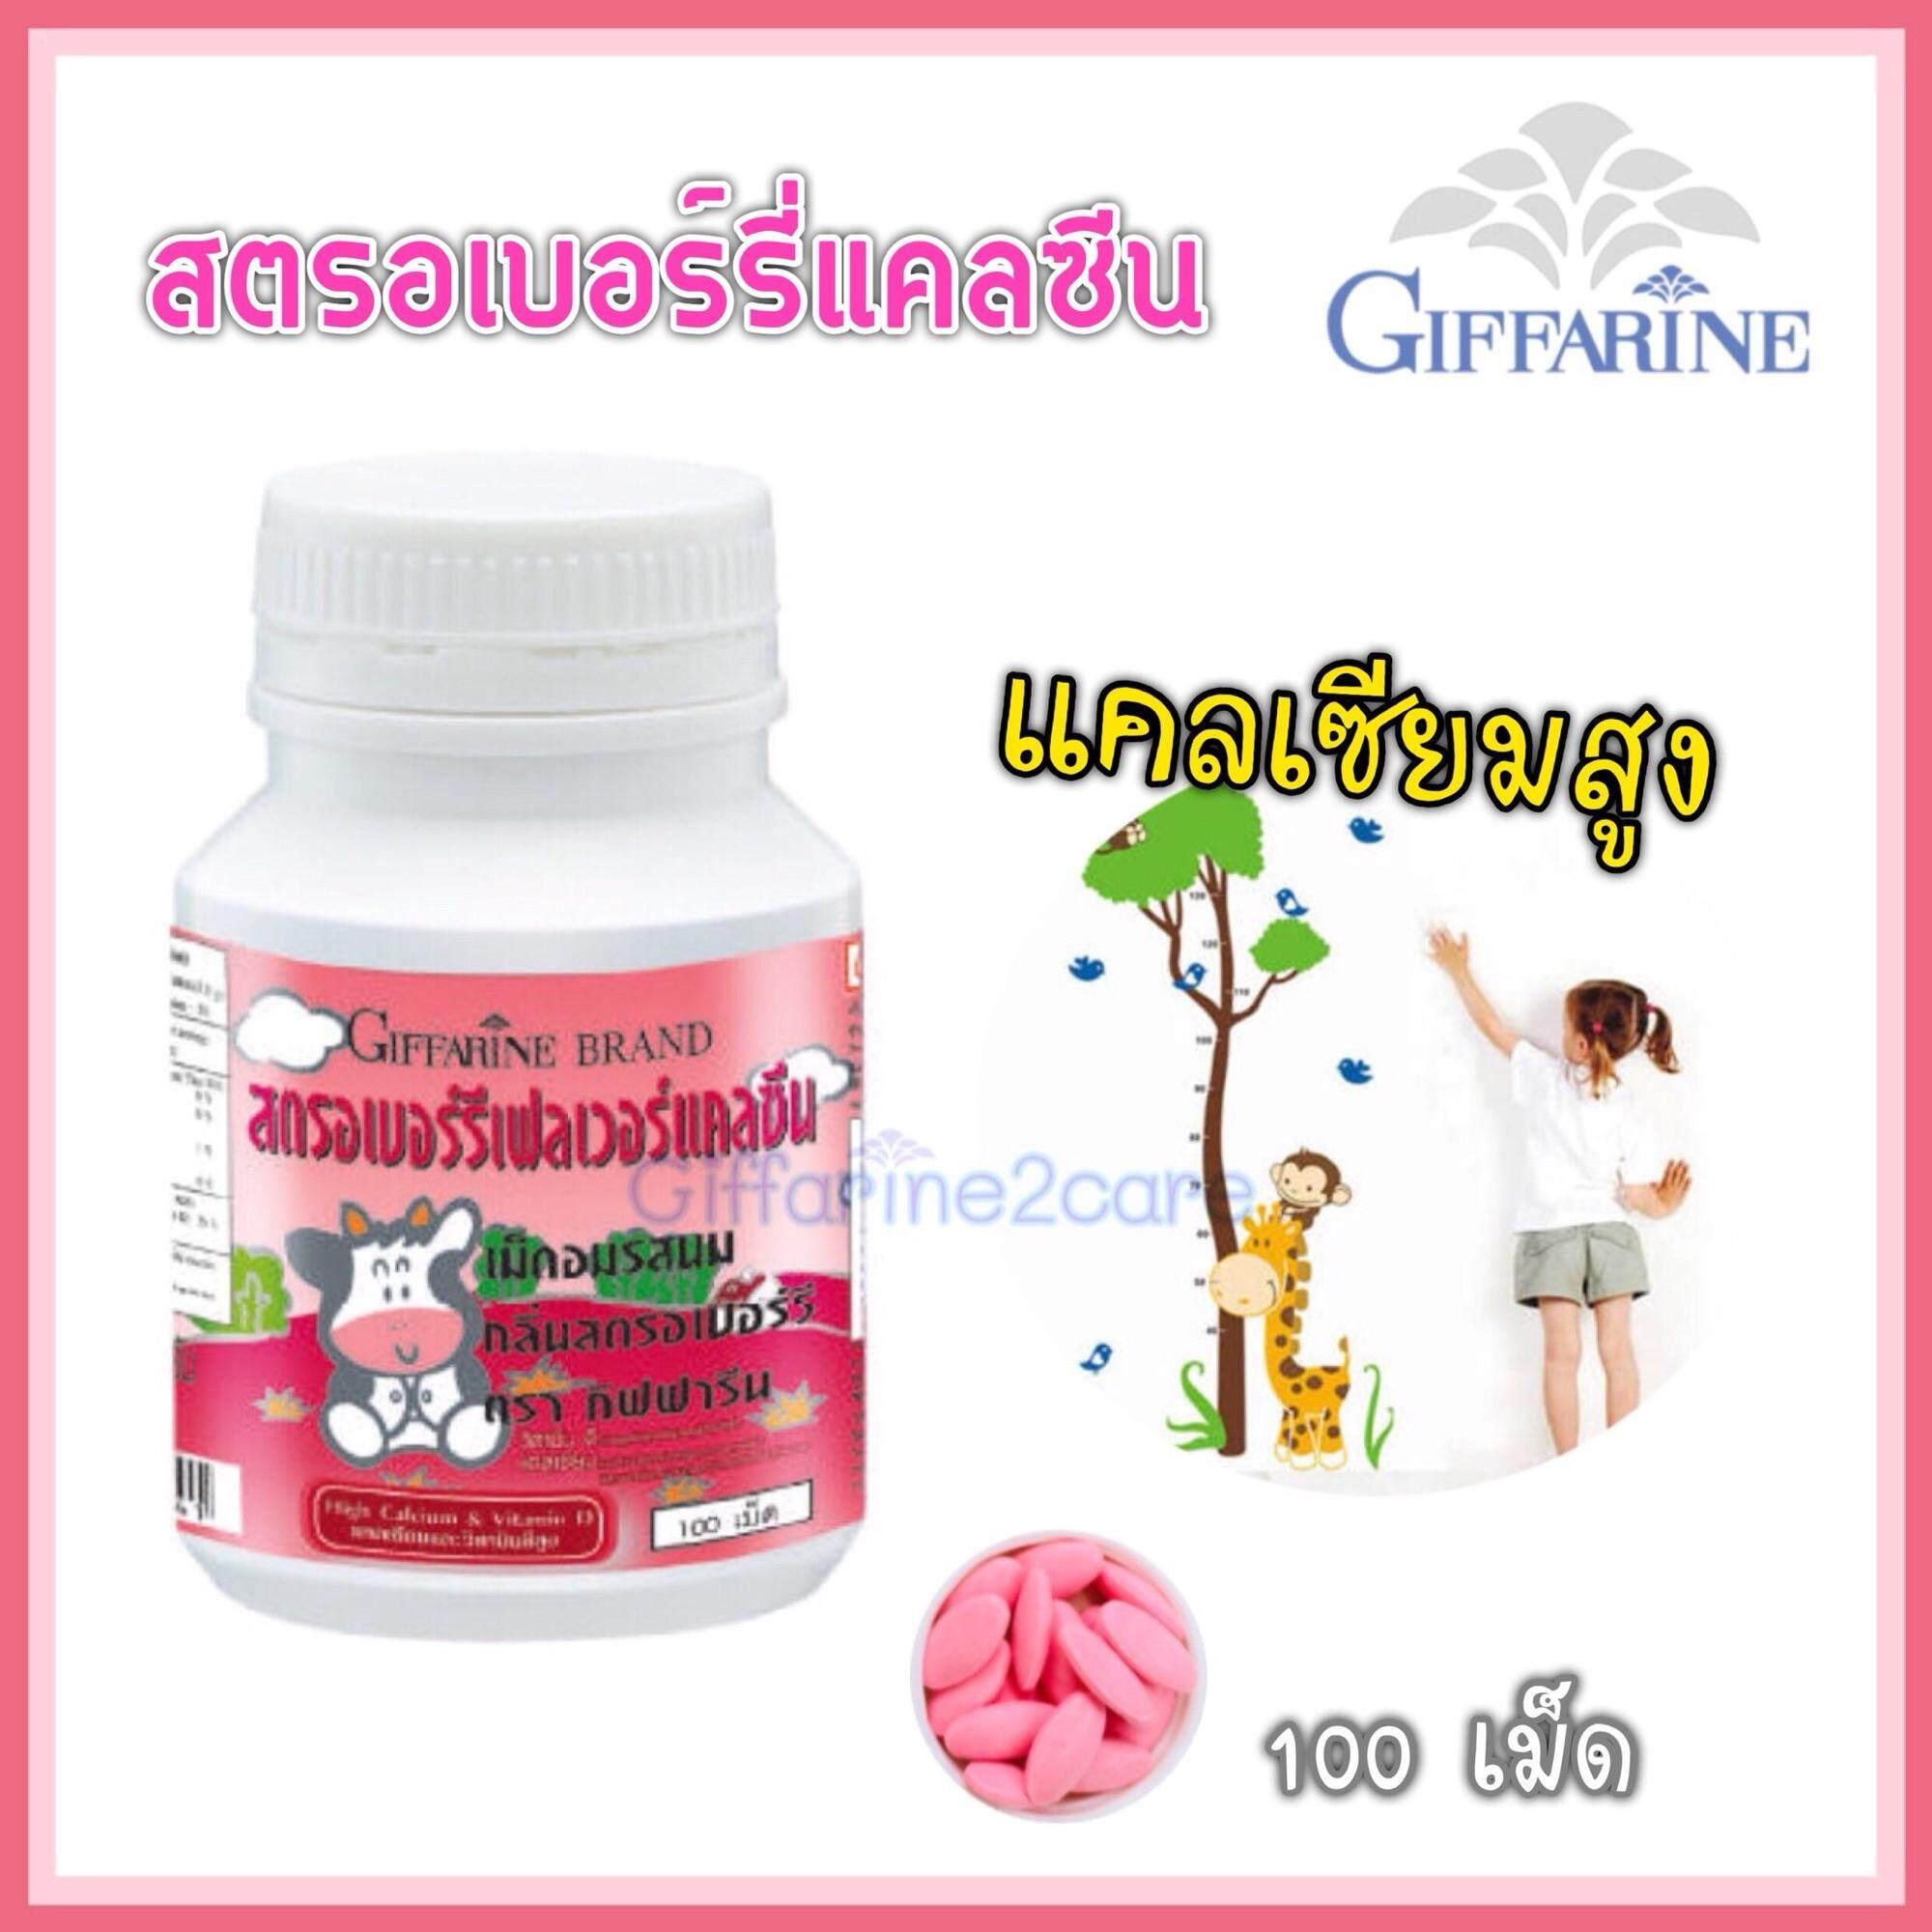 Giffarine Calcine Milk แคลซีน มิลค์ Calcium นมอัดเม็ดเสริมแคลเซียม บำรุงกระดูก เพิ่มส่วนสูง สำหรับเด็ก 100 เม็ด (รสสตรอเบอร์รี่).